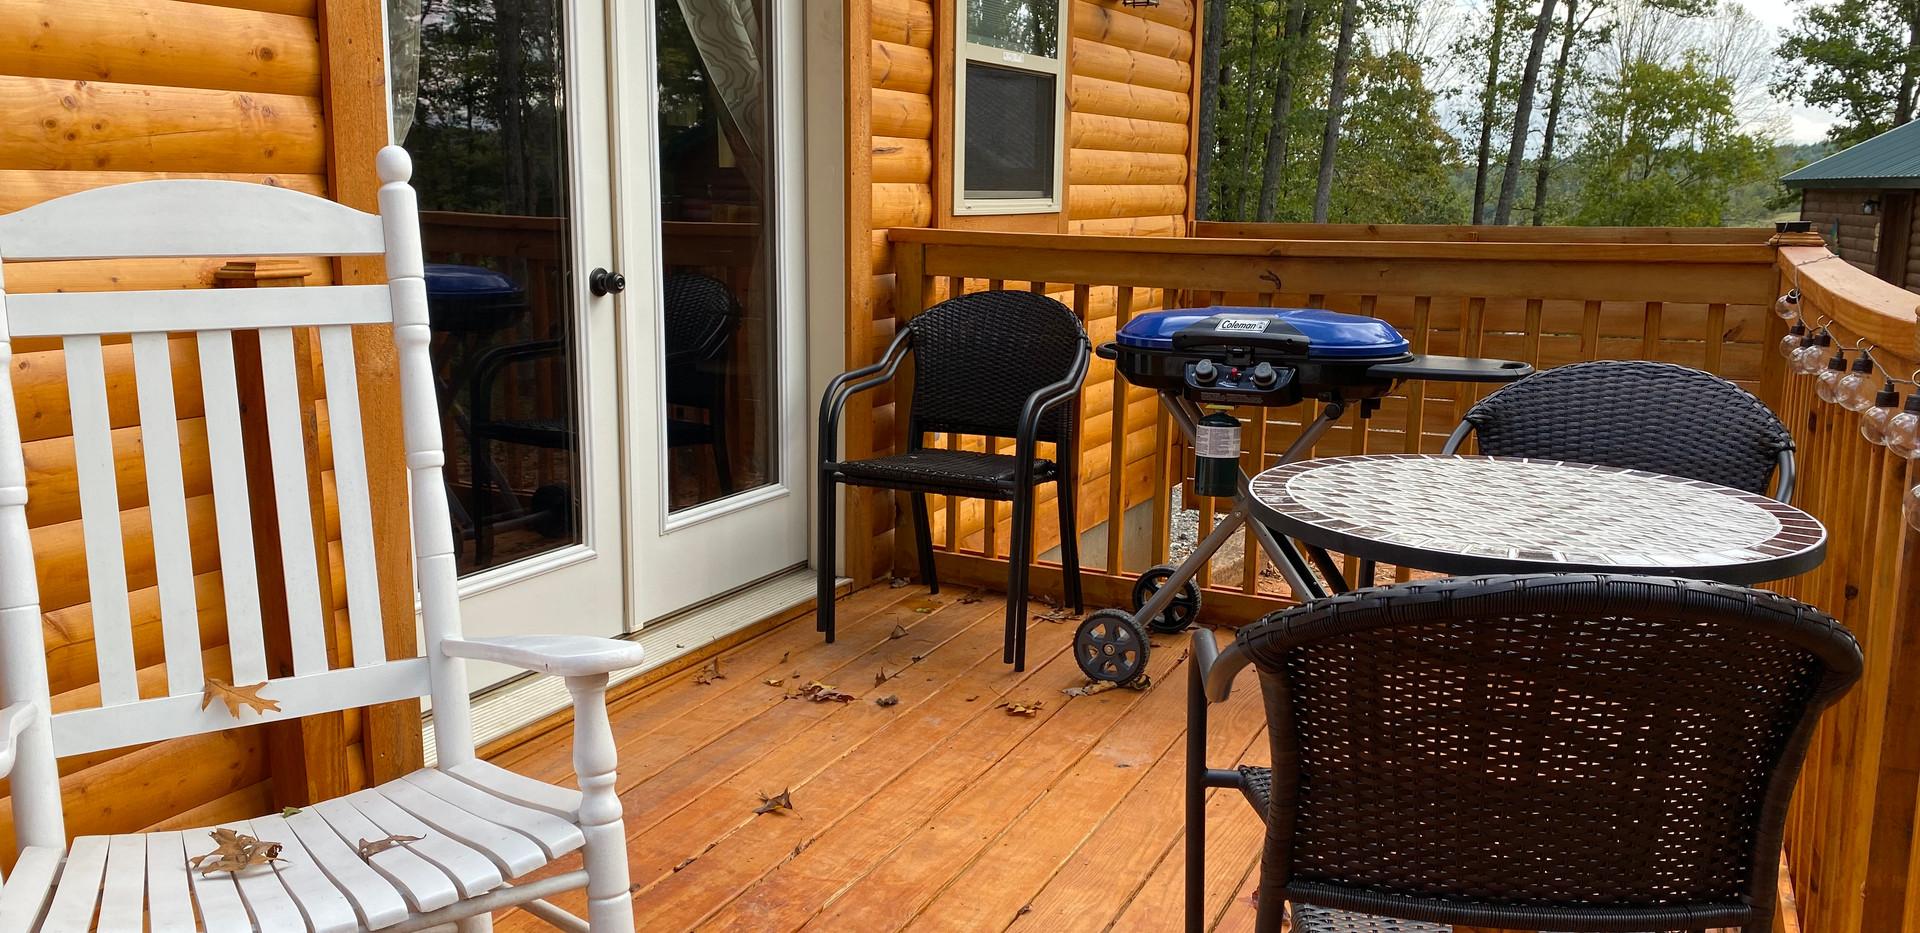 Outside Back Deck Area